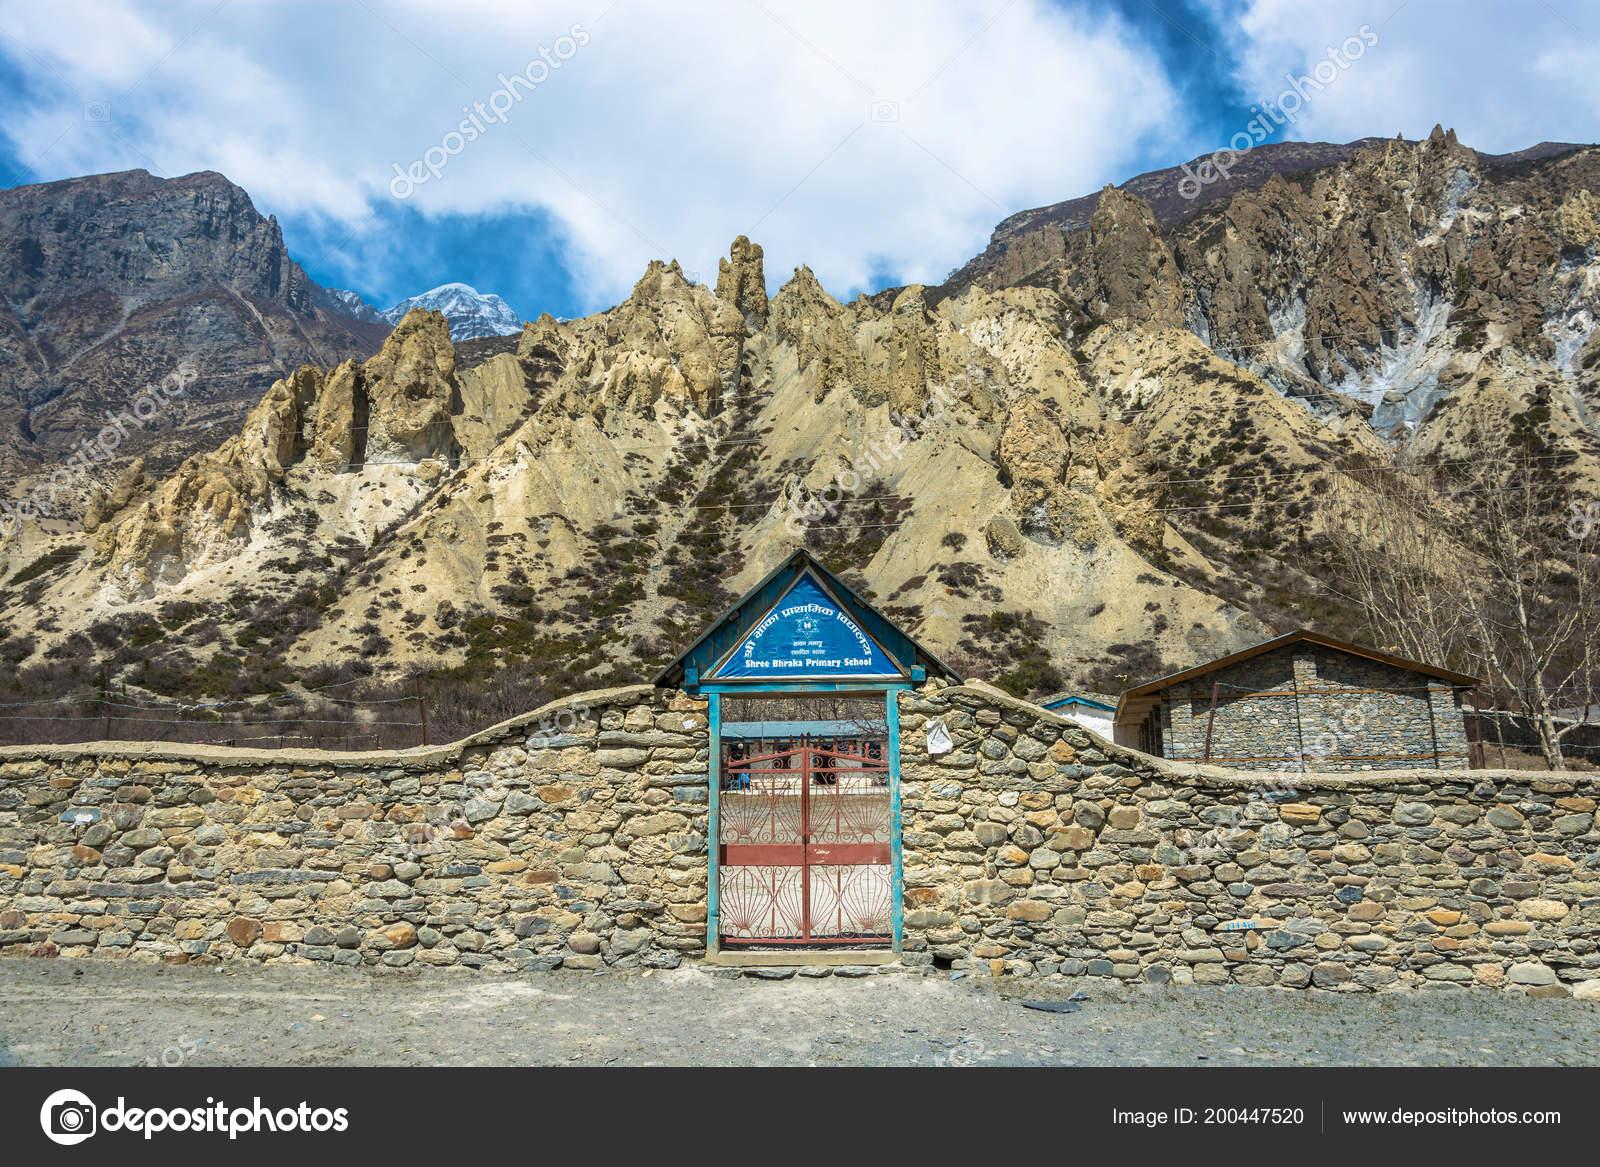 Braka Nepal April 2018 Eine Metall Tor Stein Zaun Der